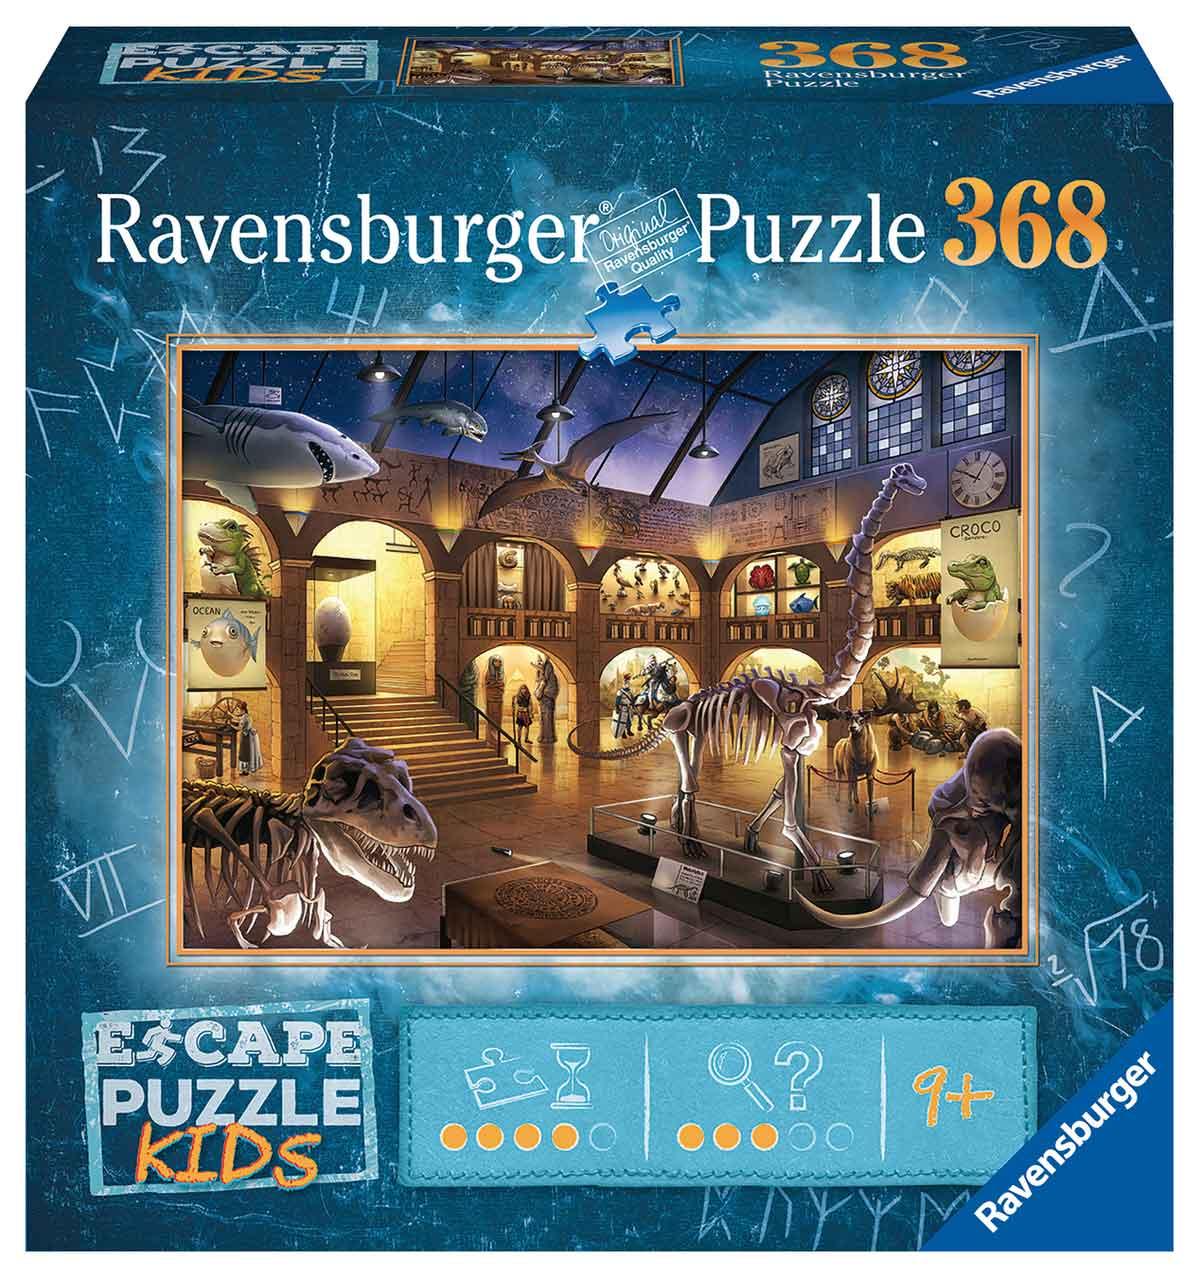 Puzzle Escape Kids Ravensburger Museo de 368 Piezas